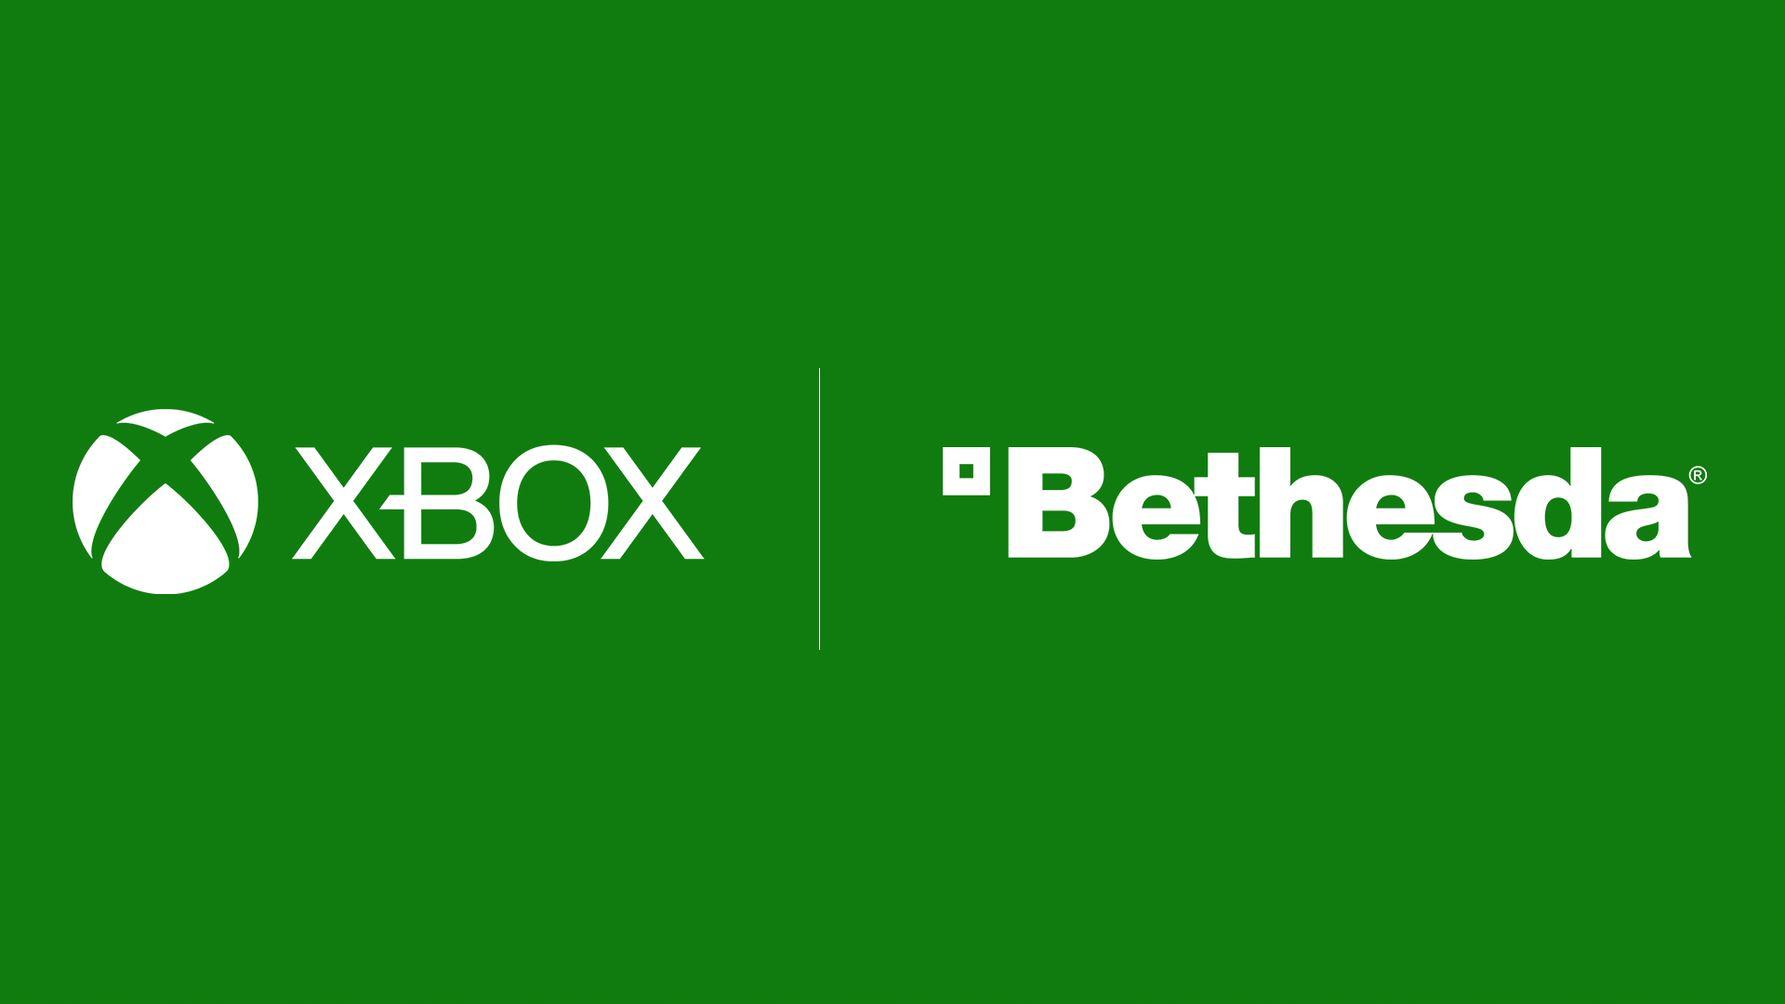 Что даст покупка Bethesda подразделению Xbox